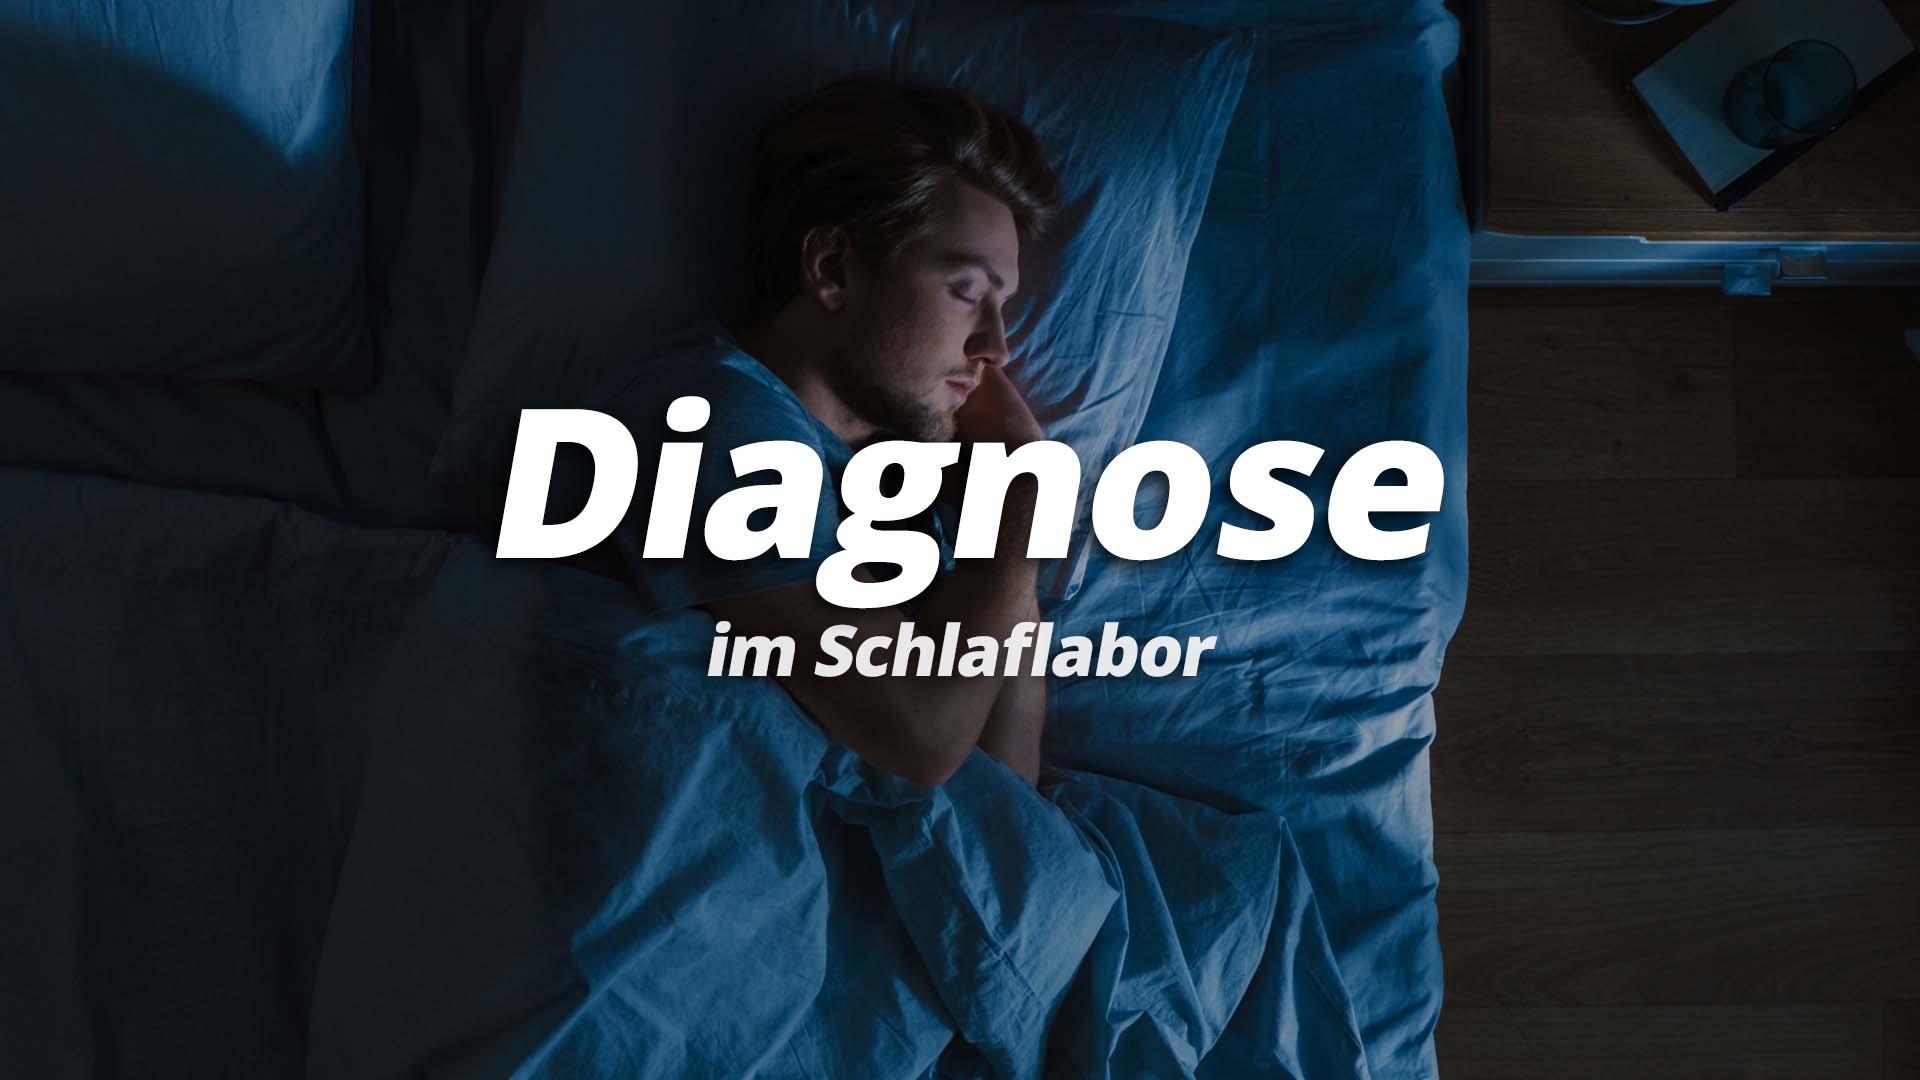 Diagnose im Schlaflabor